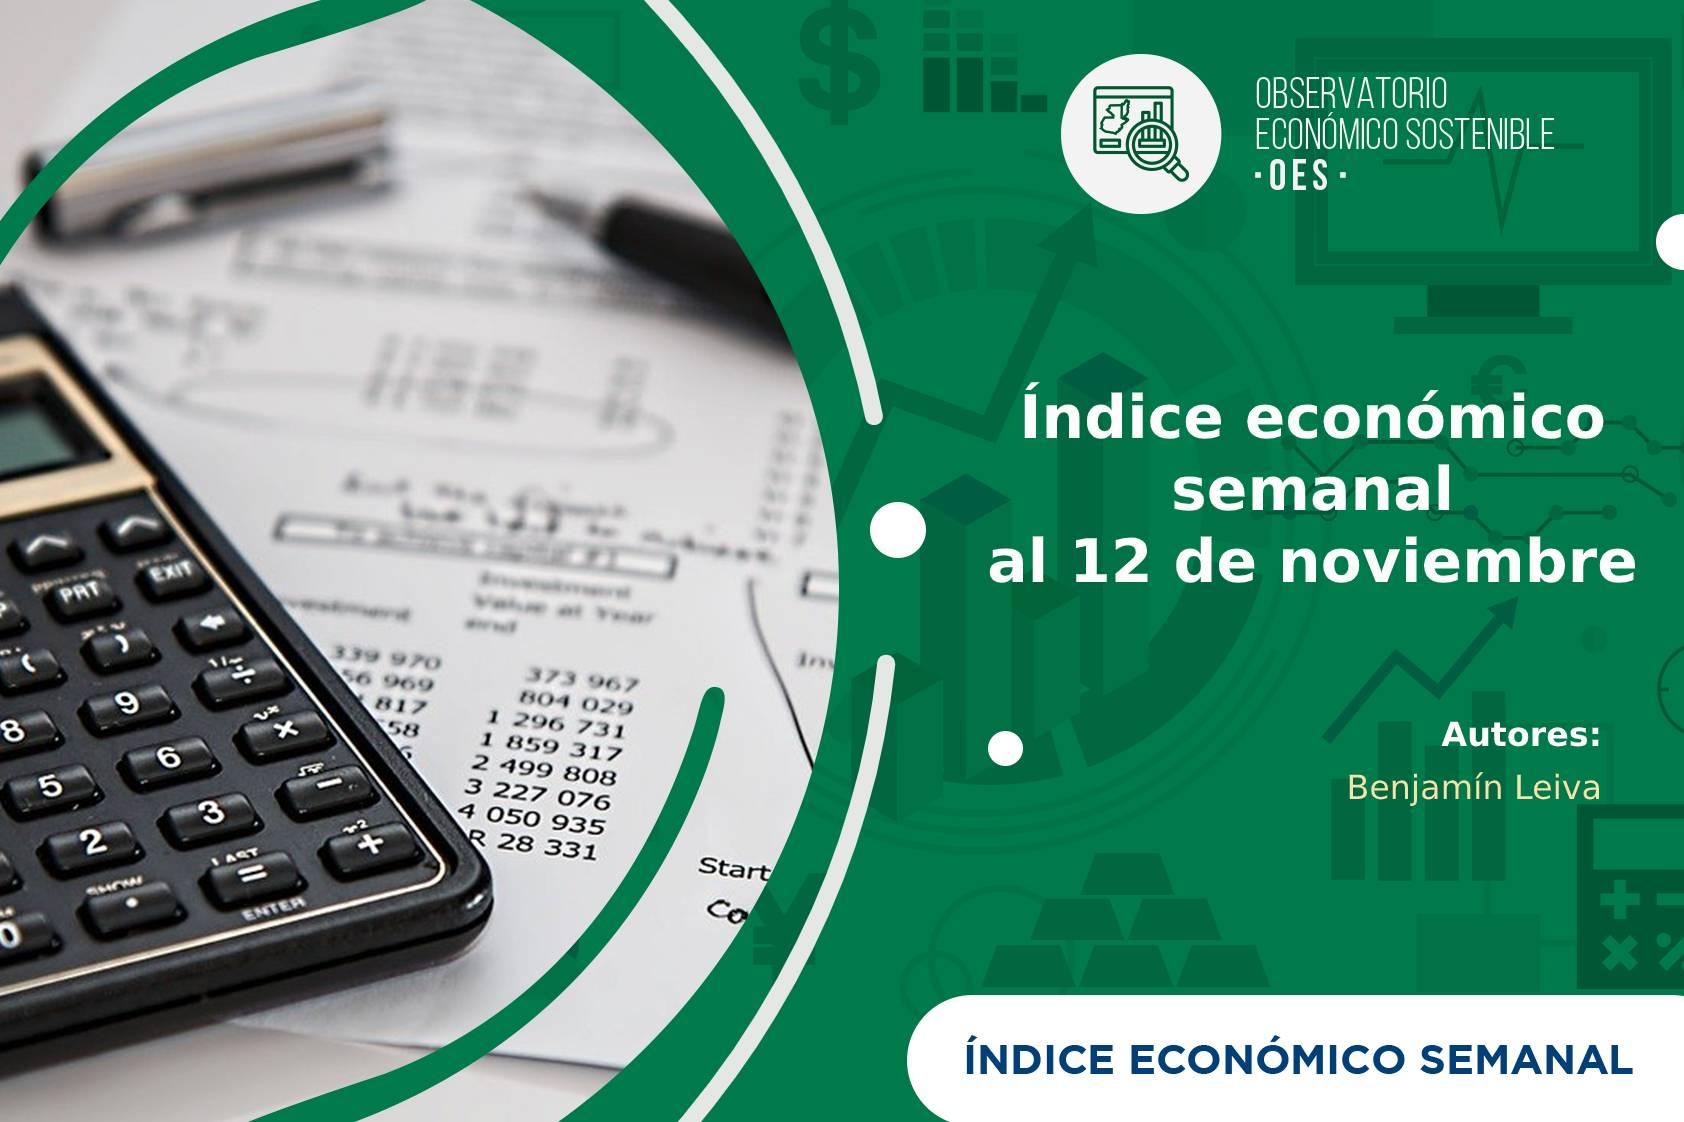 El IES continúa cayendo para el 12 de noviembre